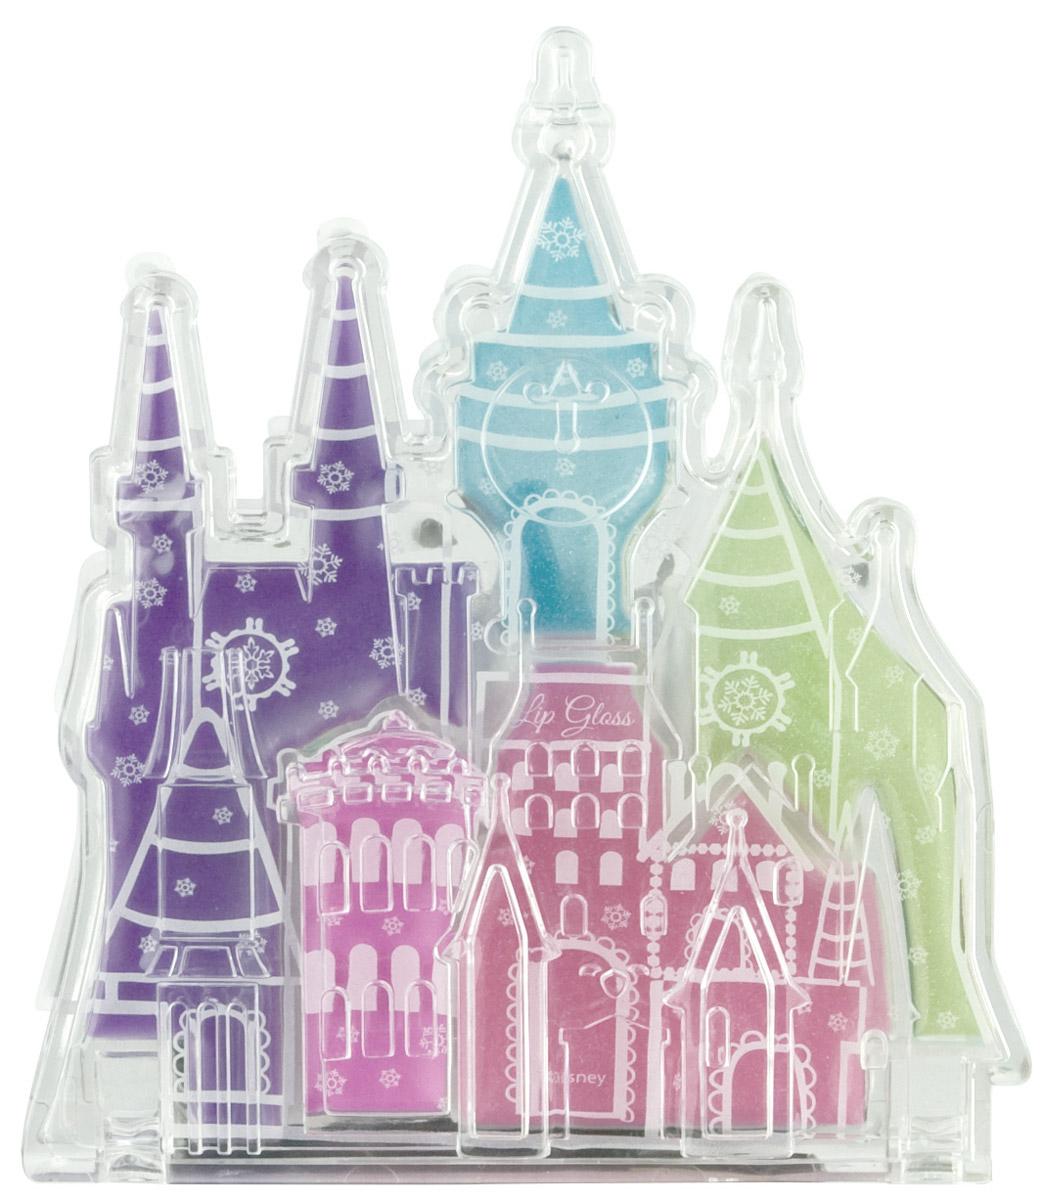 Markwins Косметический детский набор набор блесков для губ Бэлль9603351, 9603310В косметический детский набор Markwins Принцессы Диснея: Золушка входят пять блесков для губ. Два блеска имеют матовую структуру, три - с блестками. Палитра блесков представлена в пластиковом футляре в виде сказочного замка. Рекомендовано детям старше 7 лет. Наборы Markwins - это косметические наборы, о которых мечтает каждая девочка! Текстура декоративной косметики создана на основе натуральных пищевых красителей специально для чувствительной детской кожи! Не вызывает аллергий и раздражений, и легко смывается водой. Линейка детской декоративной косметики Markwins представлена блеском для губ, румянами, кремами, помадами, пудрами, лакам для ногтей, а также средствами для удаления лака. Теперь родителям не нужно ломать голову, какой оригинальный и главное интересный подарок сделать своему ребенку на праздник. Подарочный набор детской косметики от Markwins International придется по душе абсолютно каждому. Любая мама, учитывая вкус своей девочки, сможет...